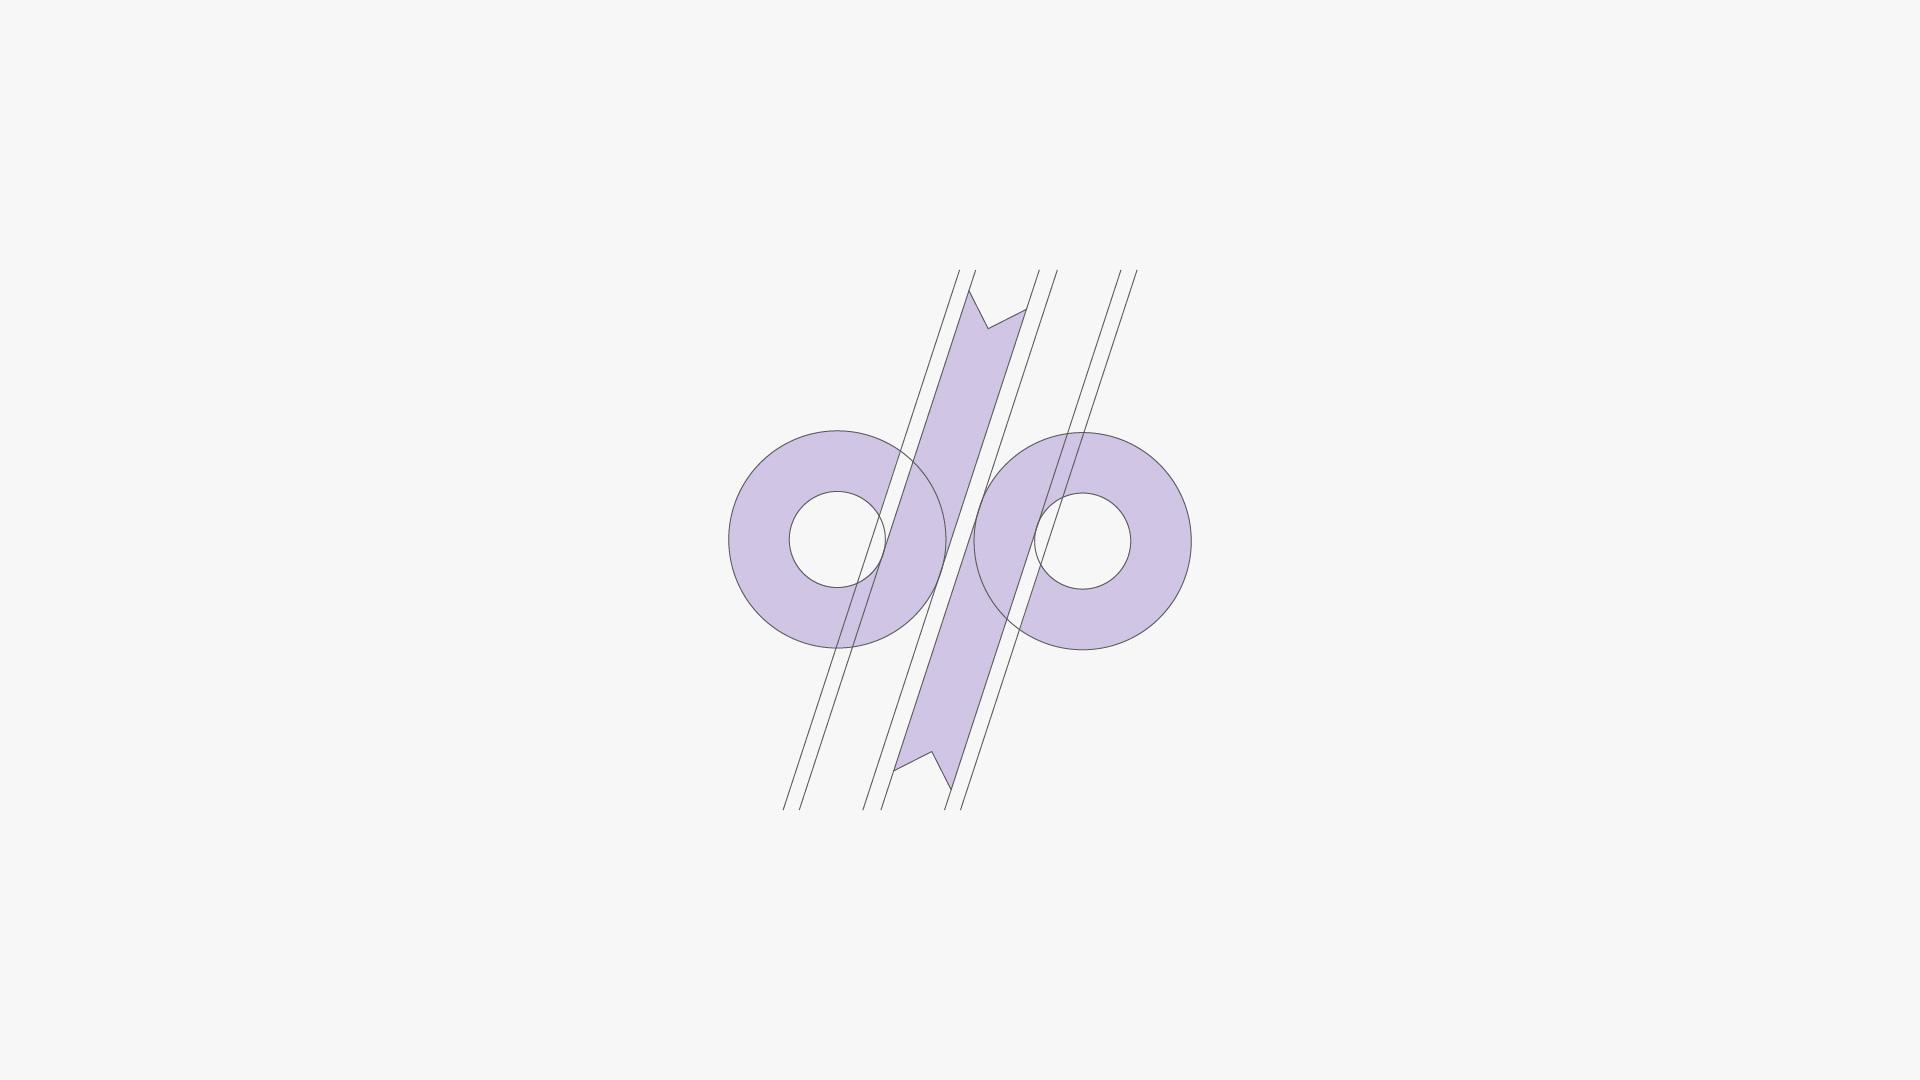 Dan Perichino Cancer Fund Logo - Grid